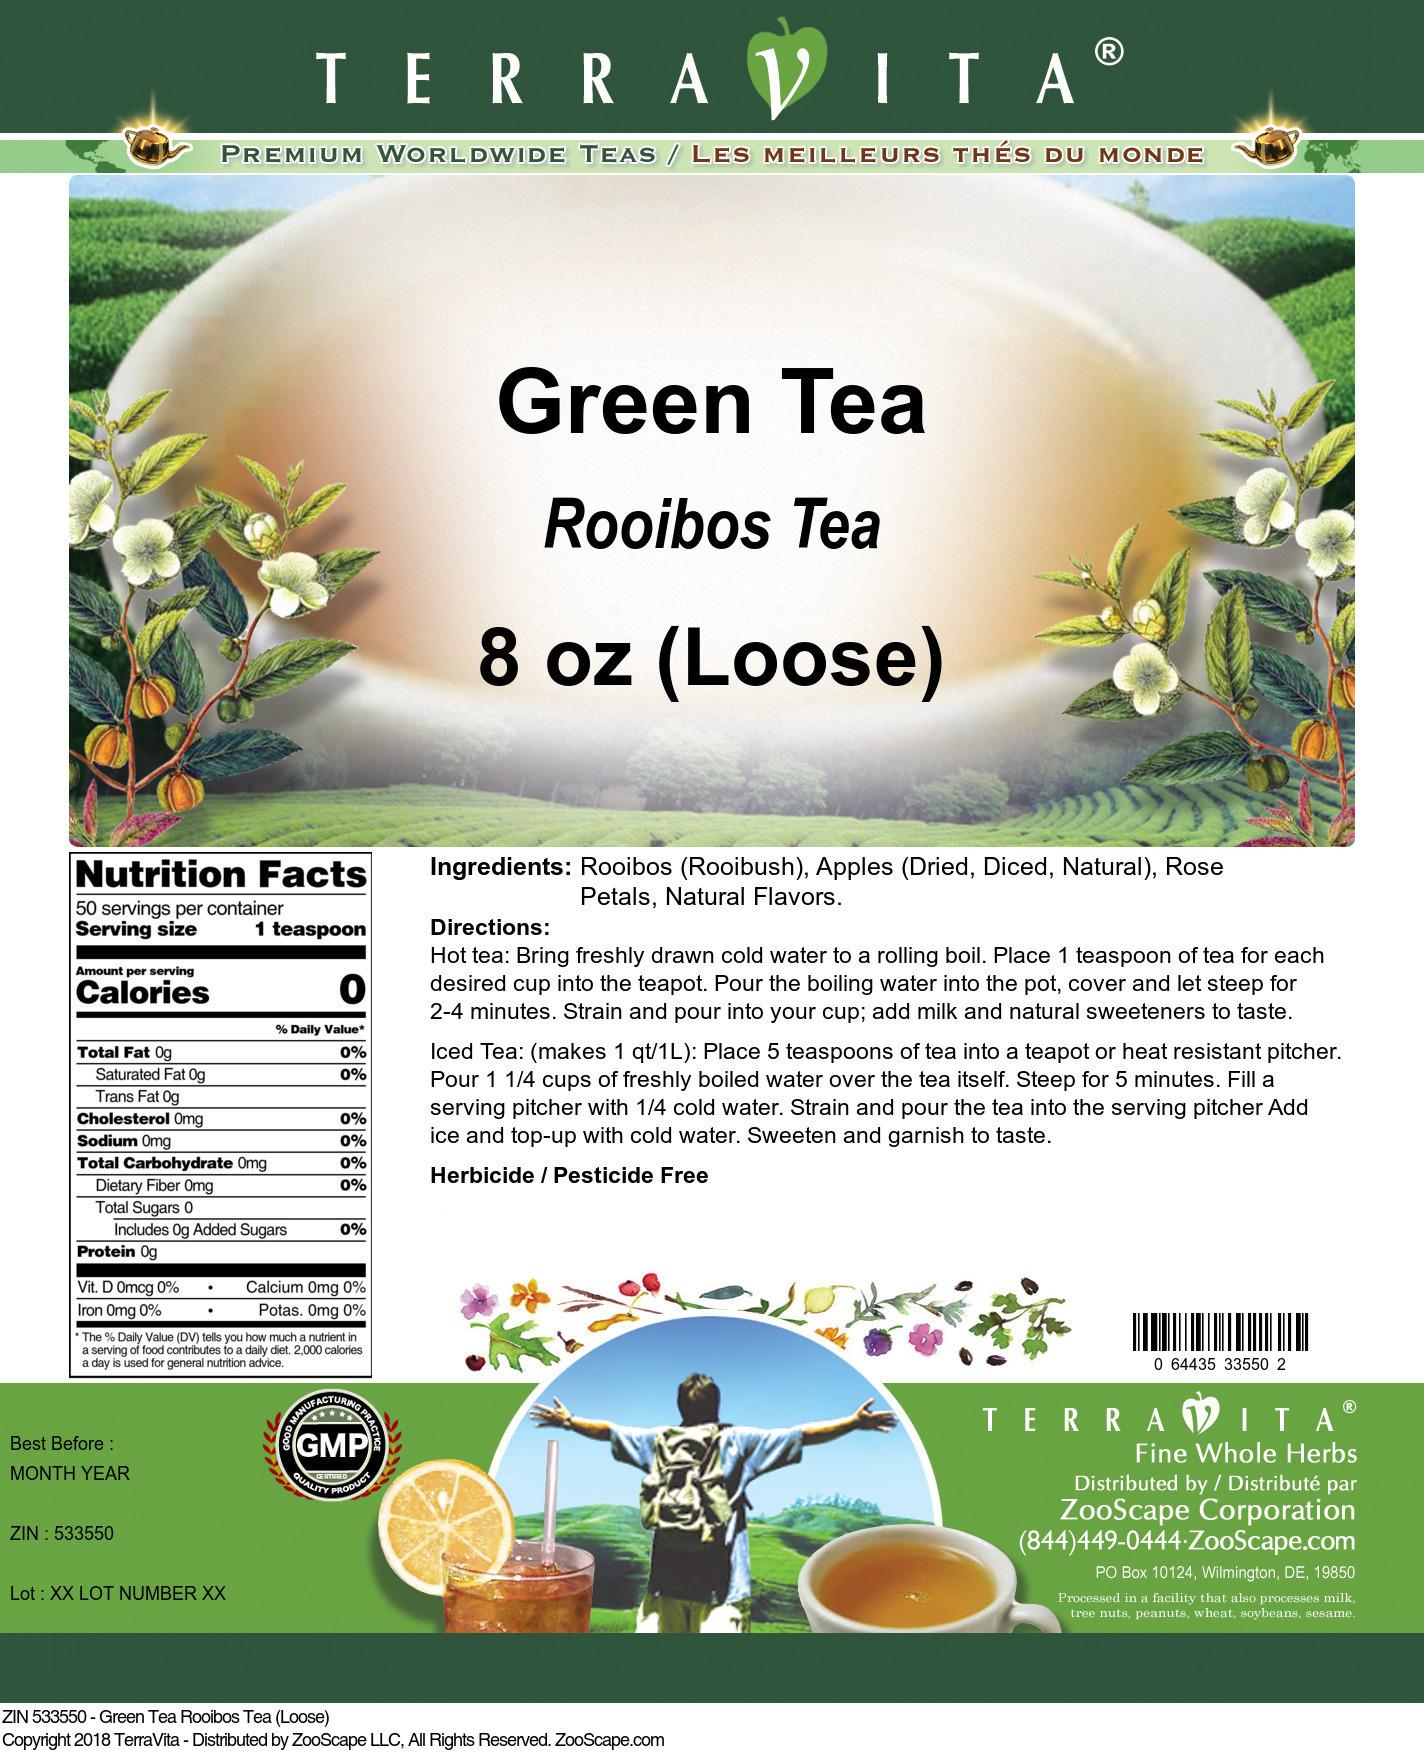 Green Tea Rooibos Tea (Loose)